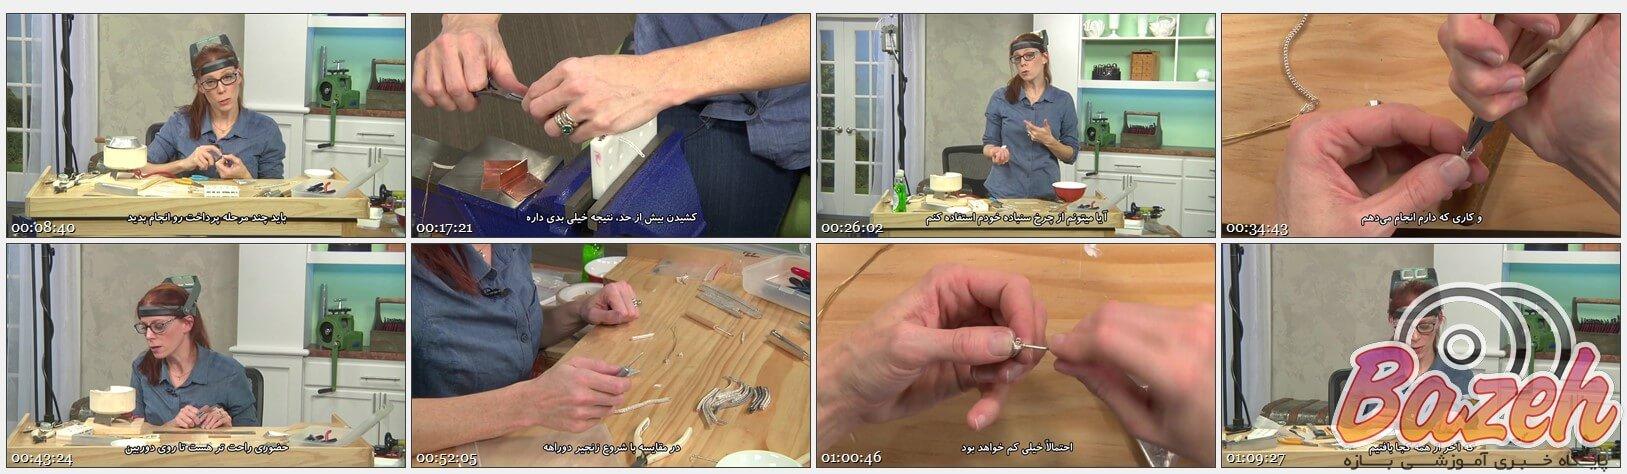 آموزش ساخت زنجیر در جواهرآلات دست ساز